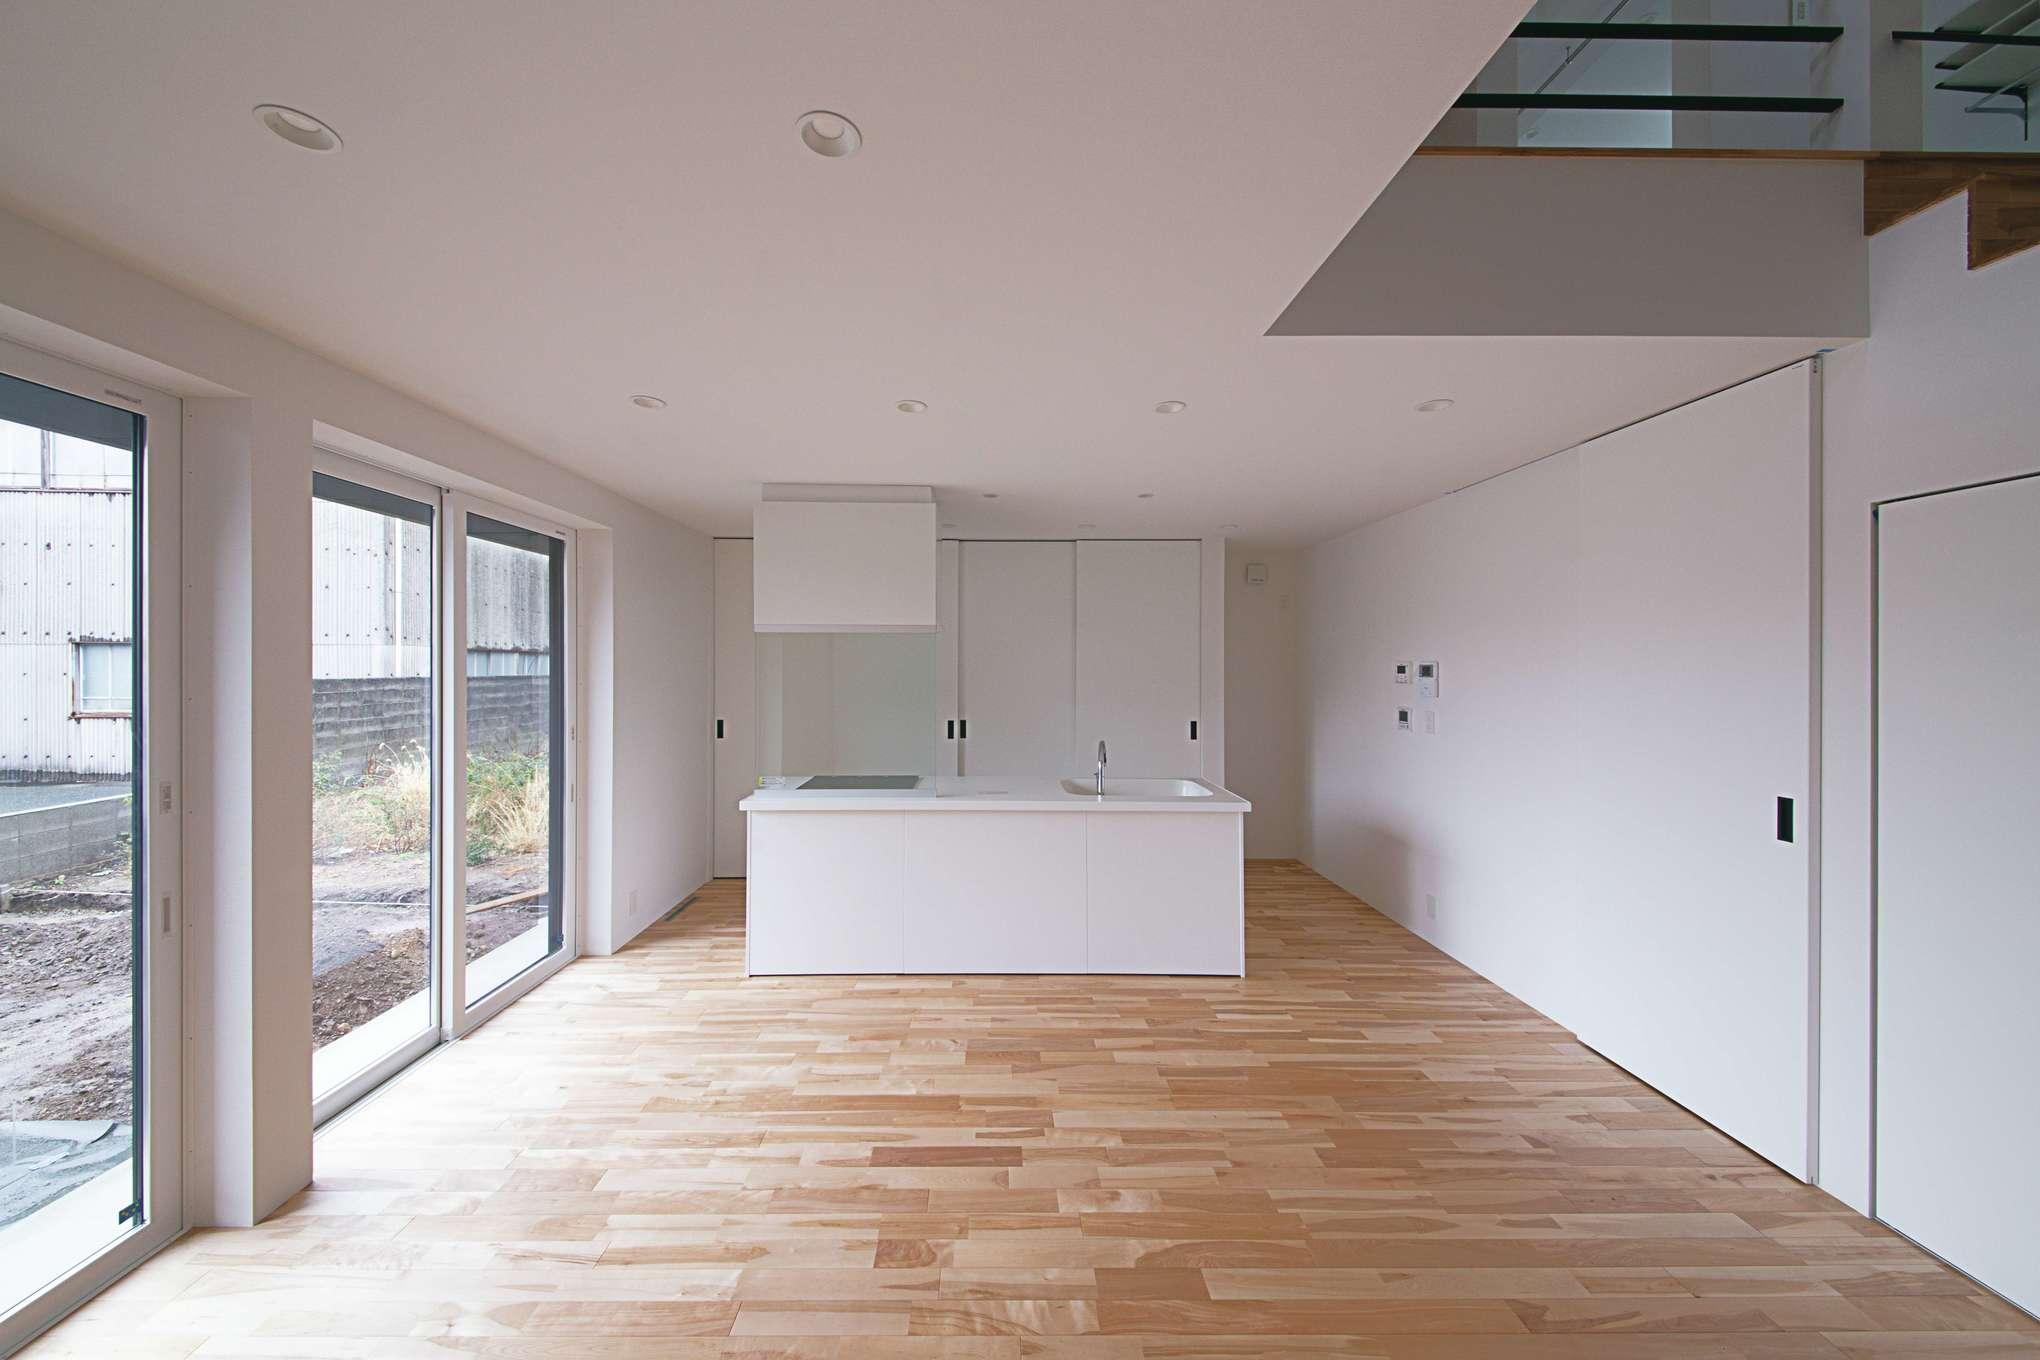 インフィルプラス【デザイン住宅、収納力、間取り】アイランドキッチンを中心に回遊動線を確保したLDK。キッチンの背面が収納になっている。室内の床はカバザクラ。無垢の上質感がワンクラス上の空間を演出